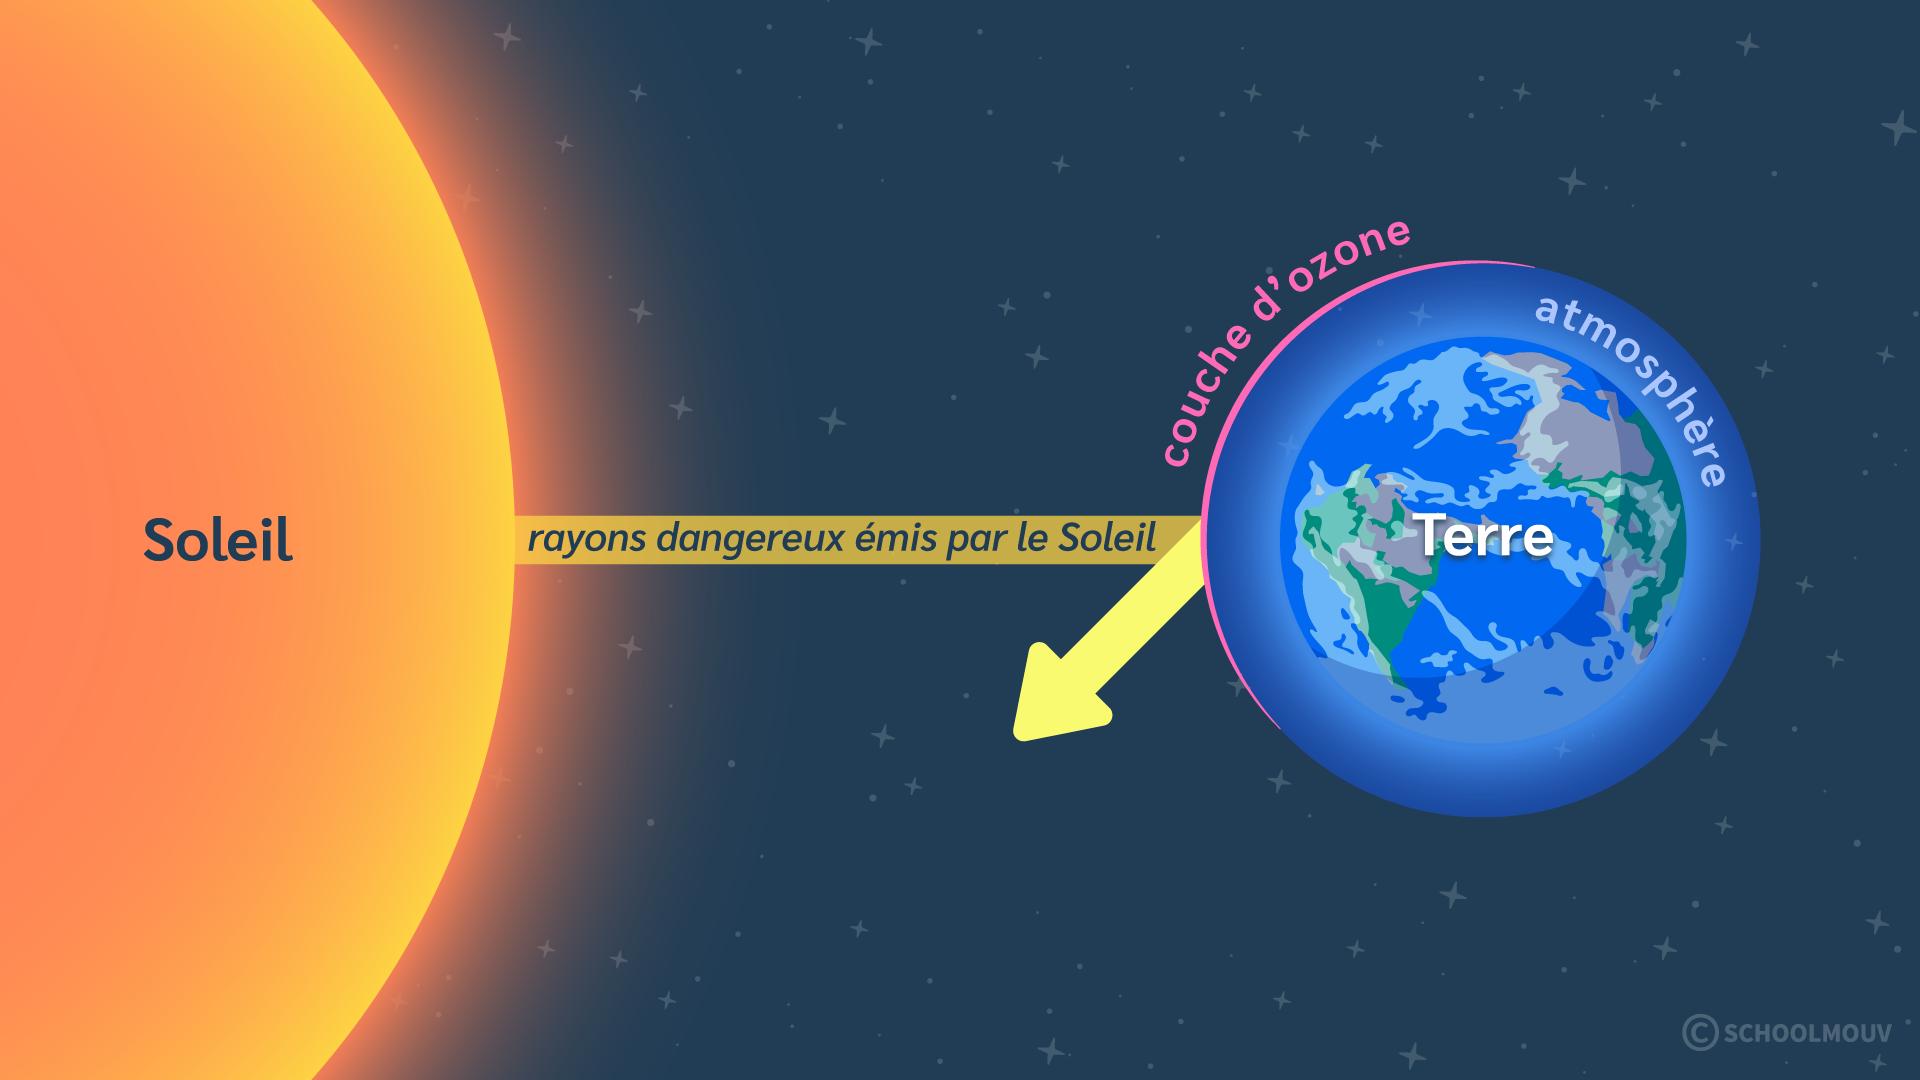 Primaire cm1 sciences technologies terre conditions vie terrestre atmosphère Terre Soleil rayons couche d'ozone atmosphère